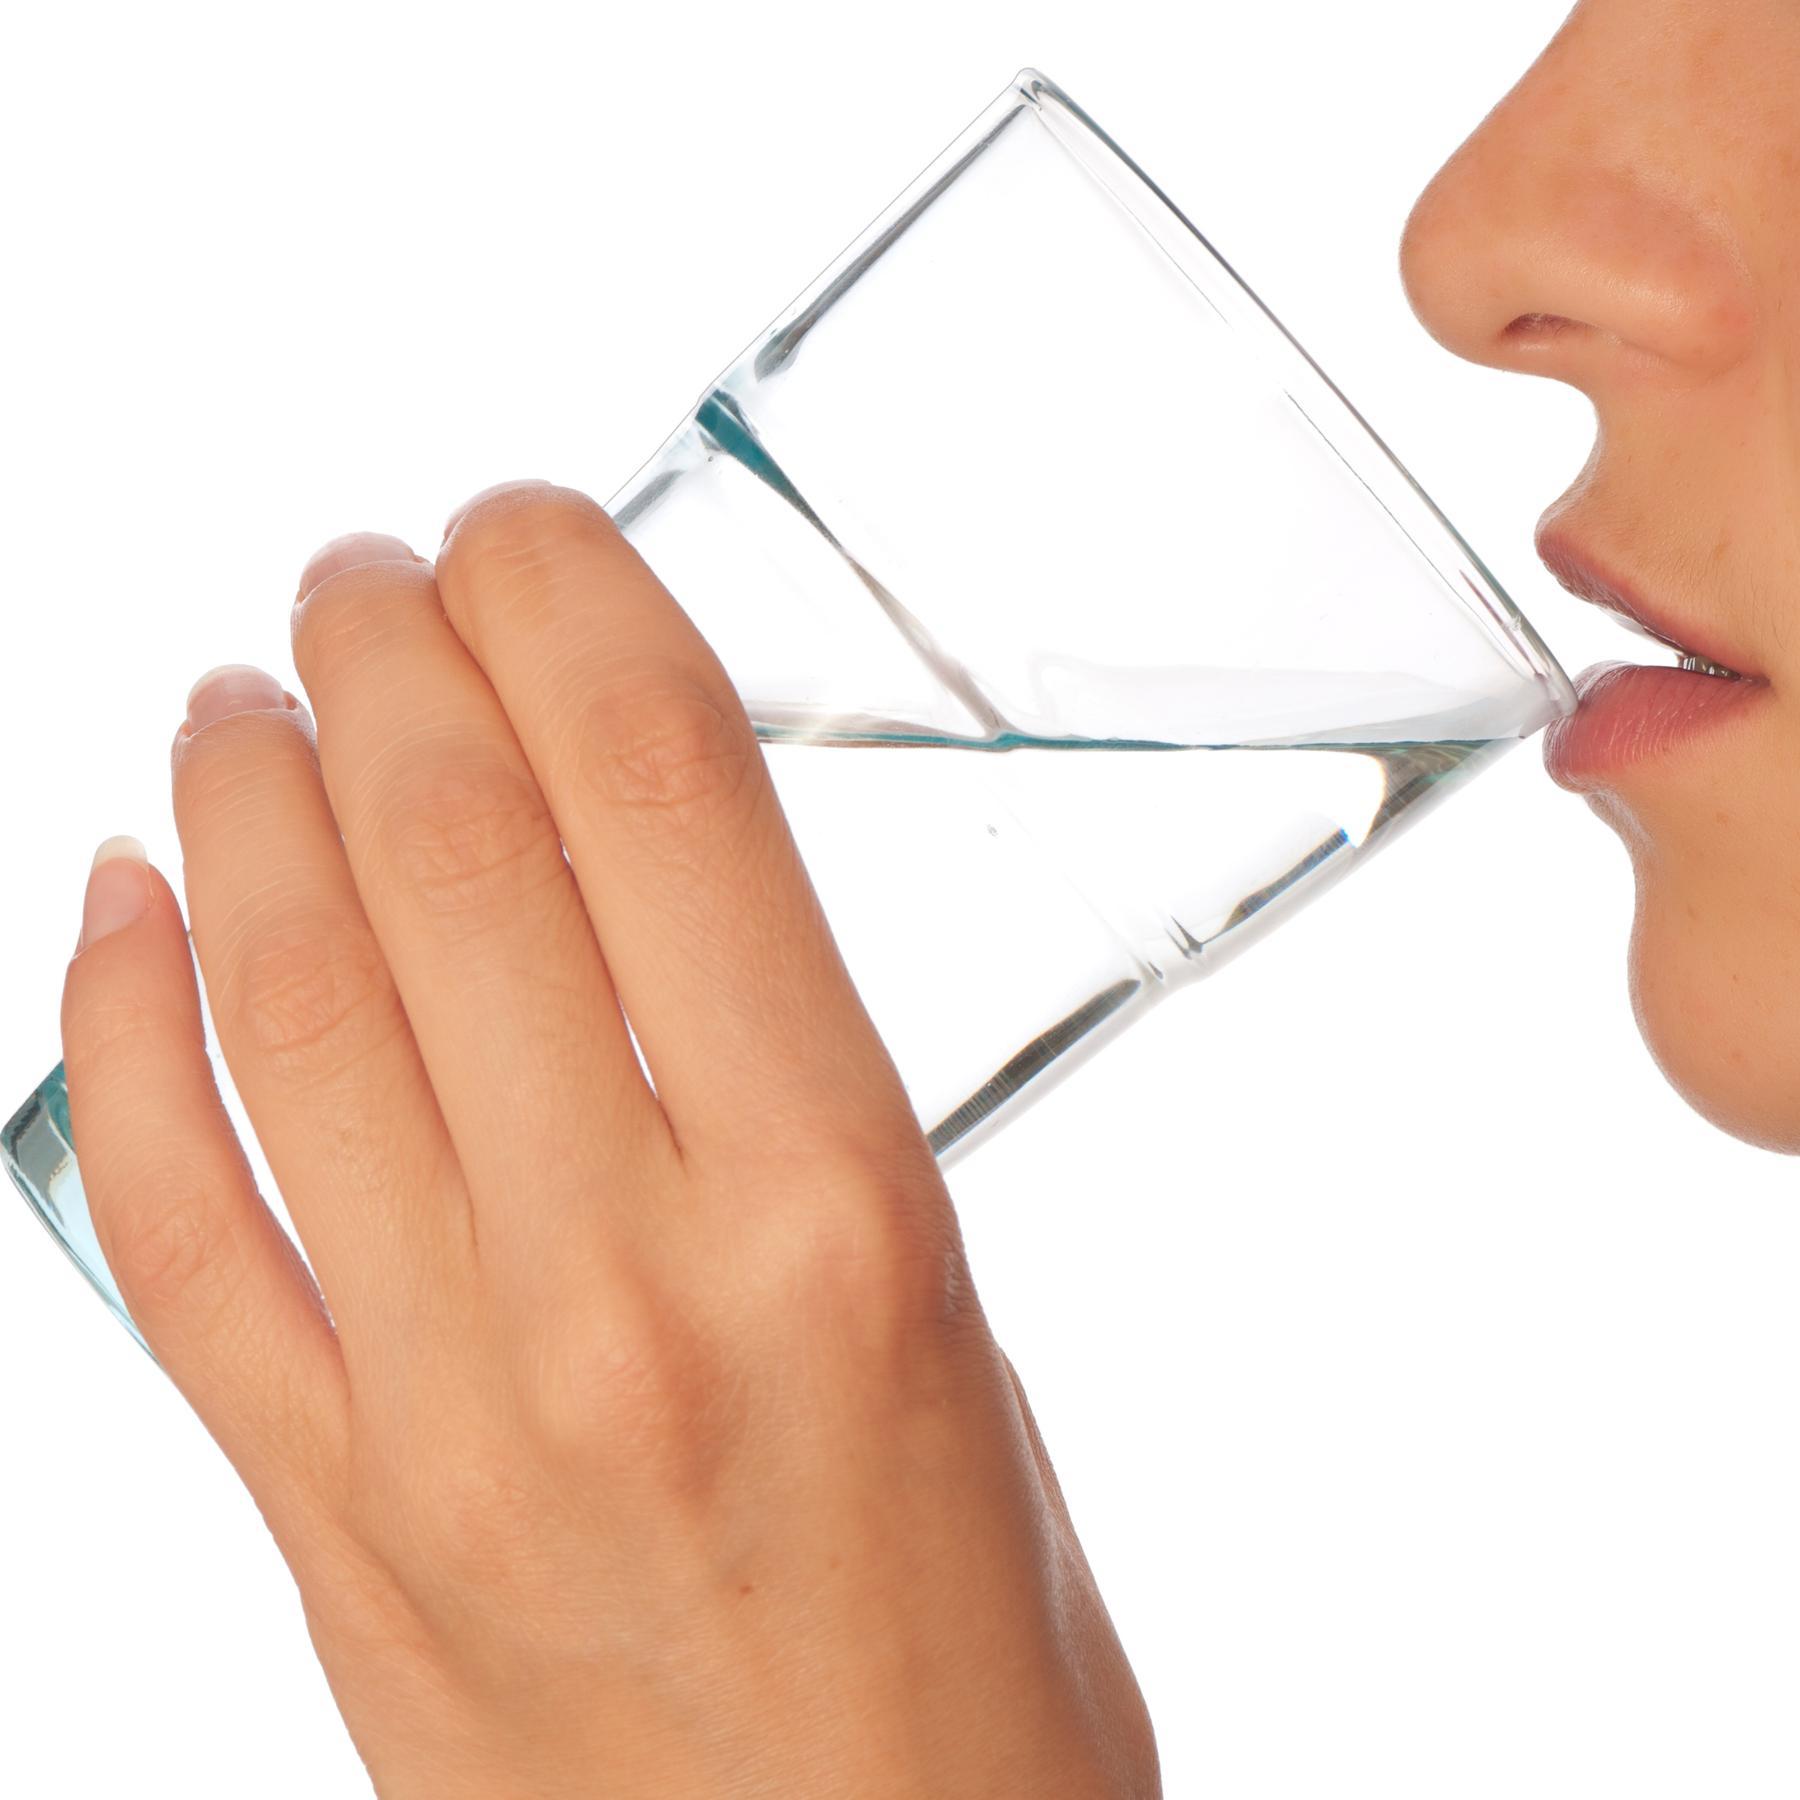 Trinken - Was passiert im Körper?